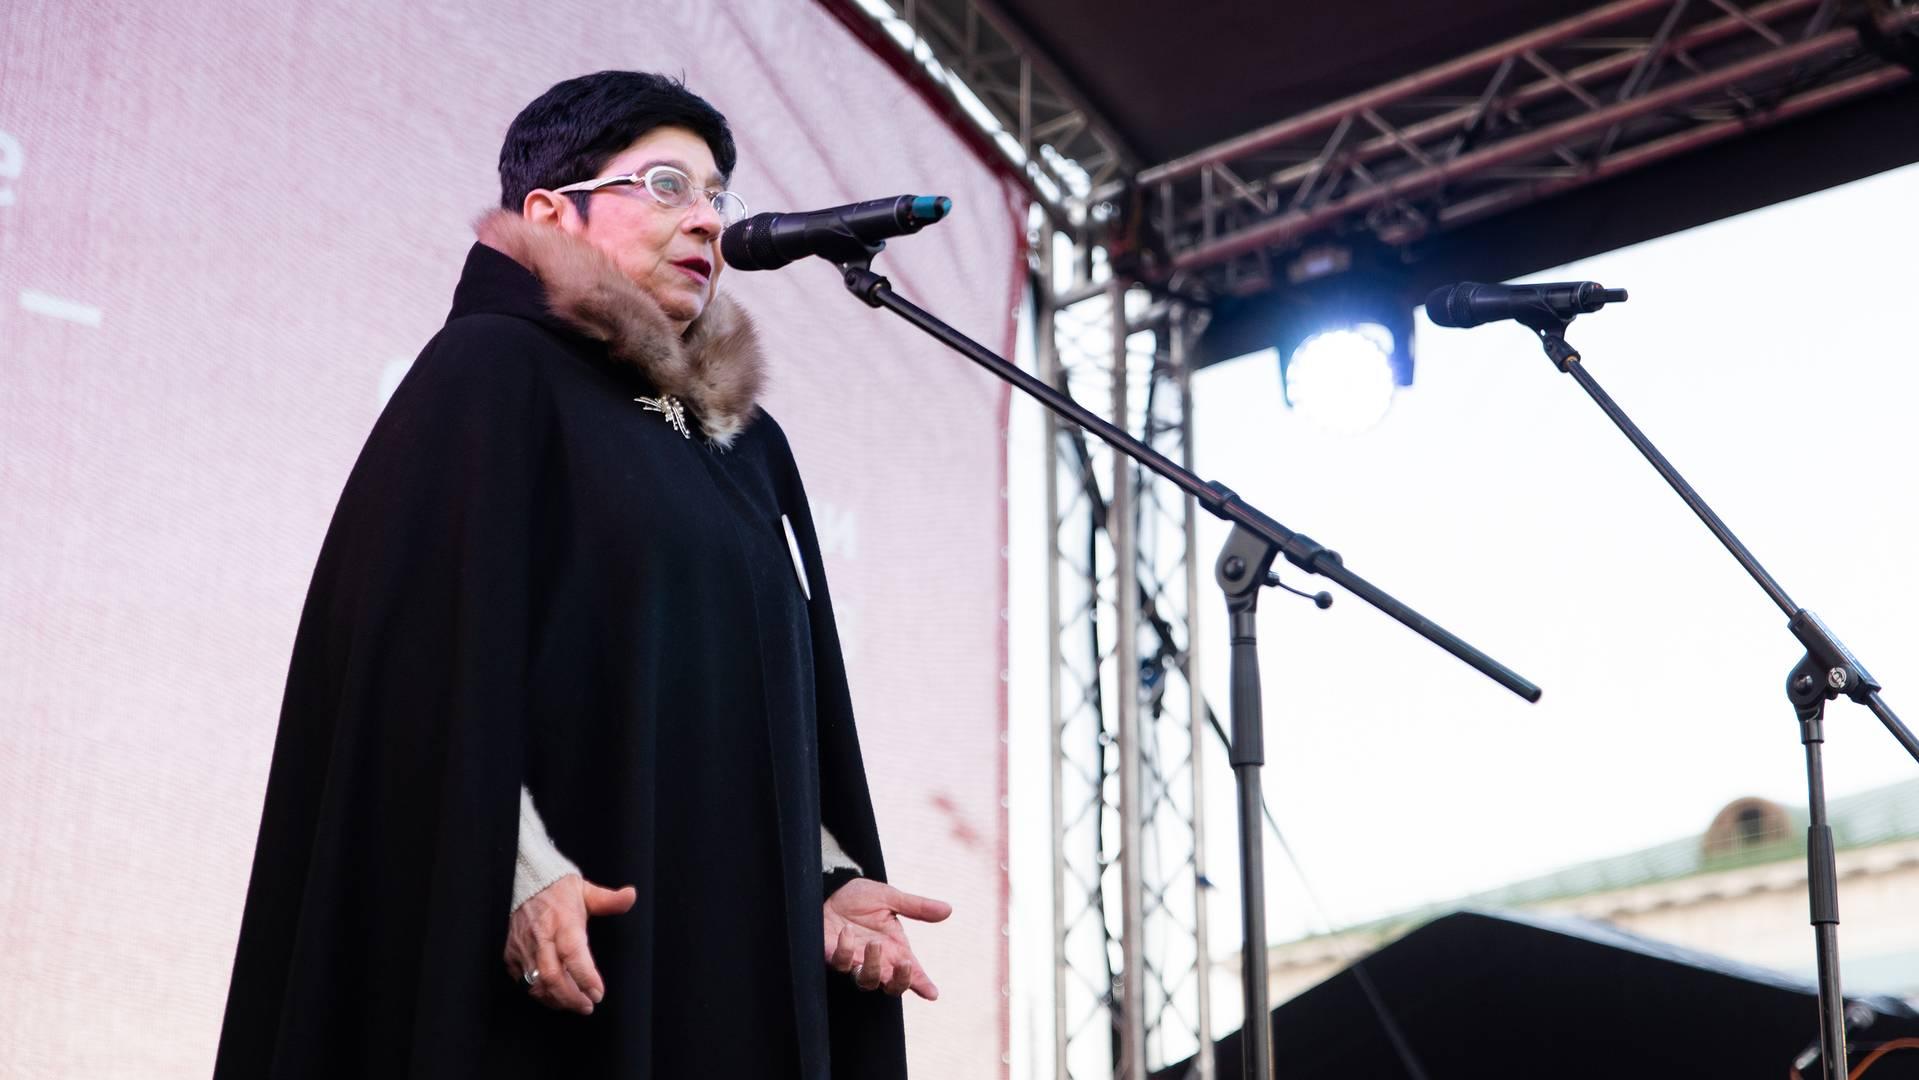 Мария Мамиконян на митинге «Сути времени» в Москве, 5 ноября 2018 г.